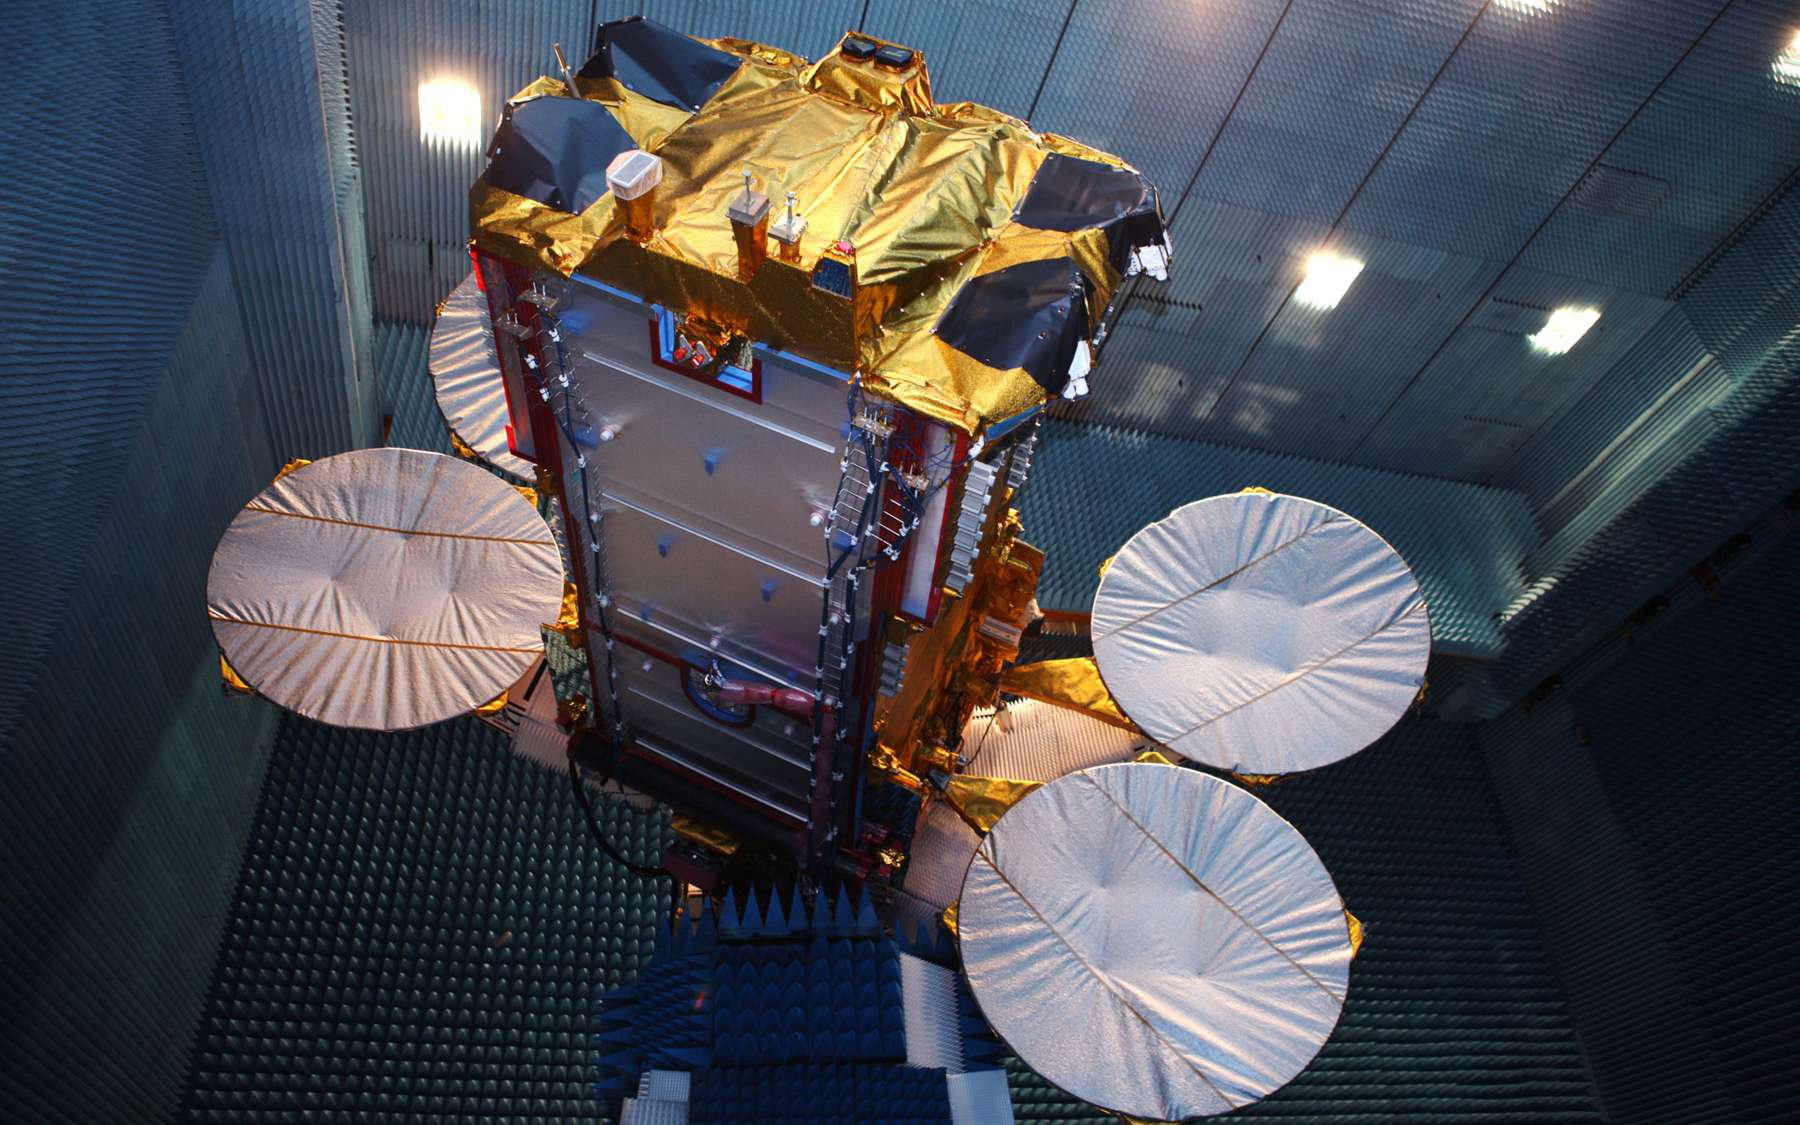 Initialement prévu le 20 décembre, le lancement Ka-Sat a été reporté dans l'attente des conclusions définitives de la commission d'enquête mise en place après l'échec du lancement d'un Proton le 5 décembre. © Astrium